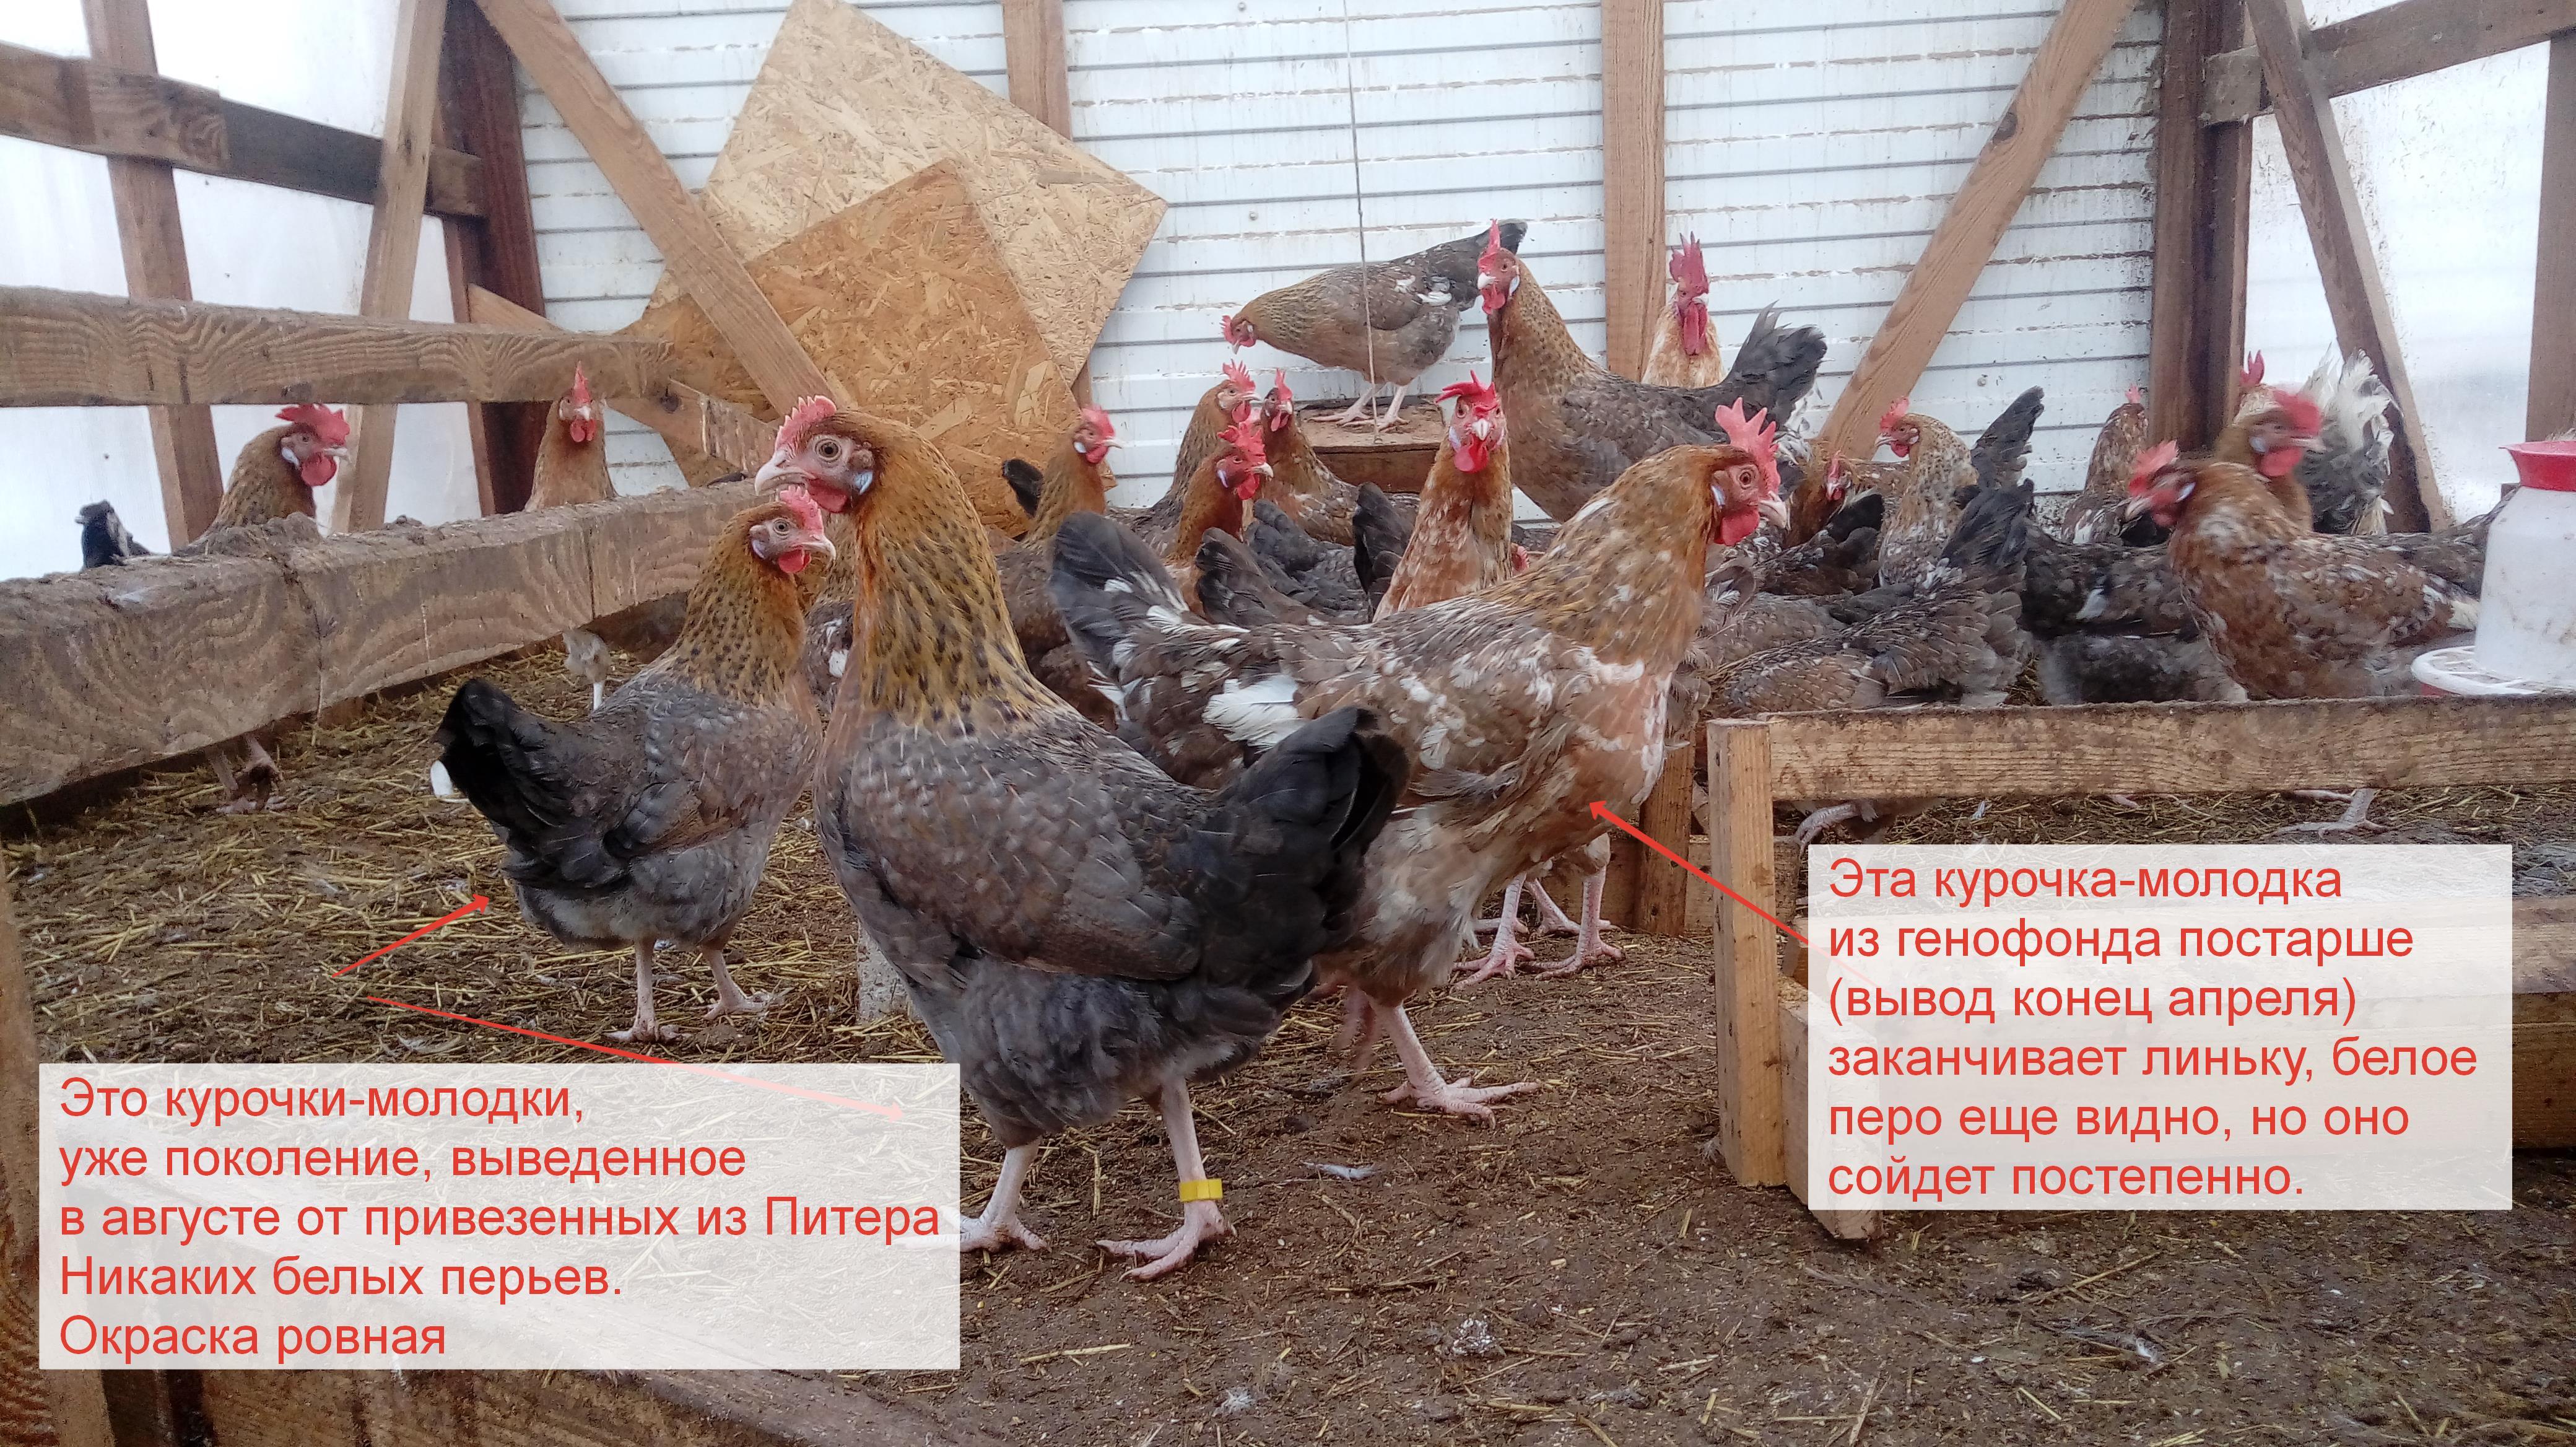 Ленинградские куры фото и описание золотисто-серых